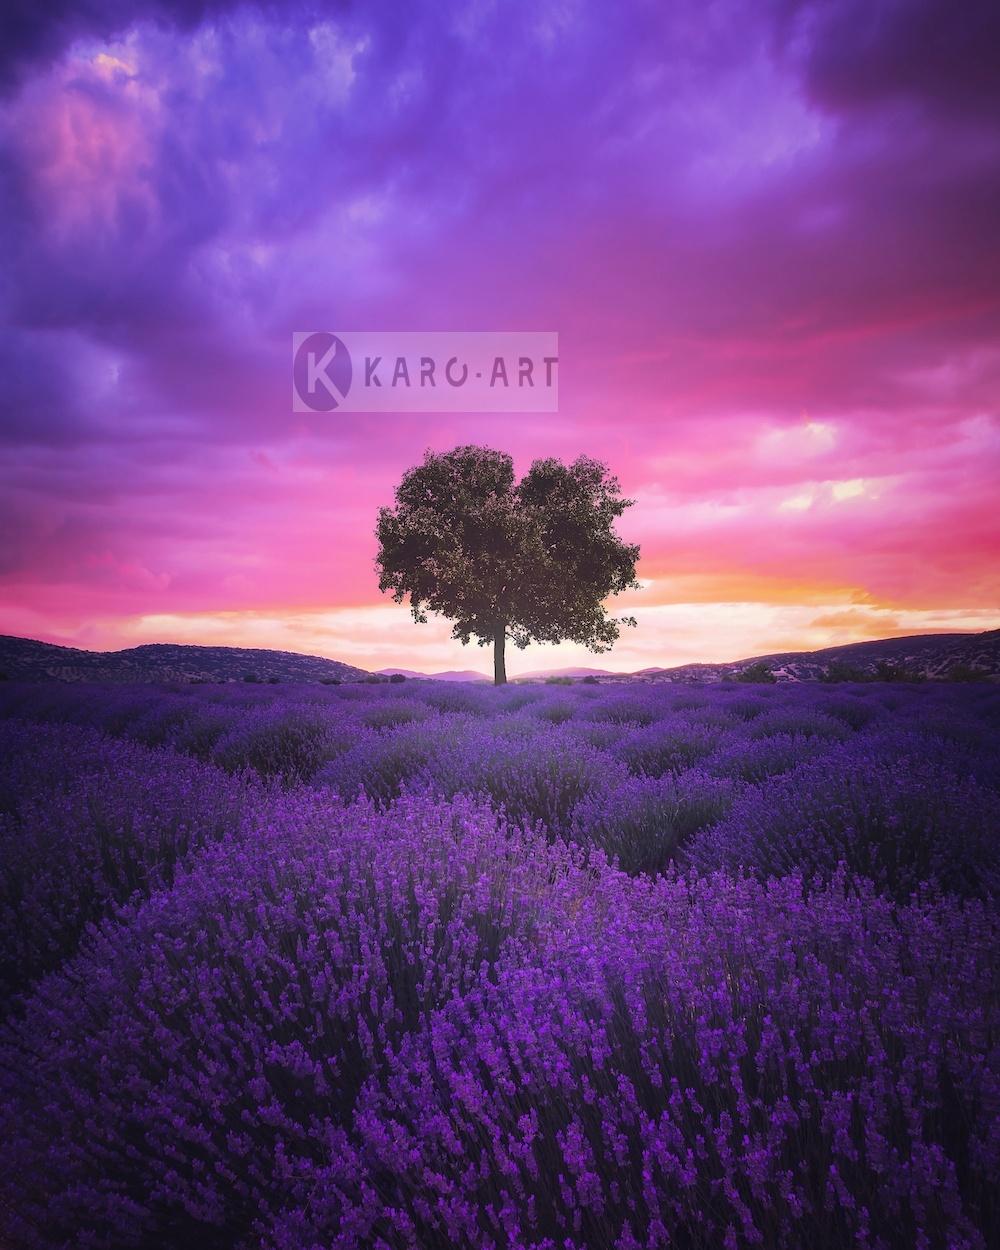 Afbeelding op acrylglas - Lavendelveld